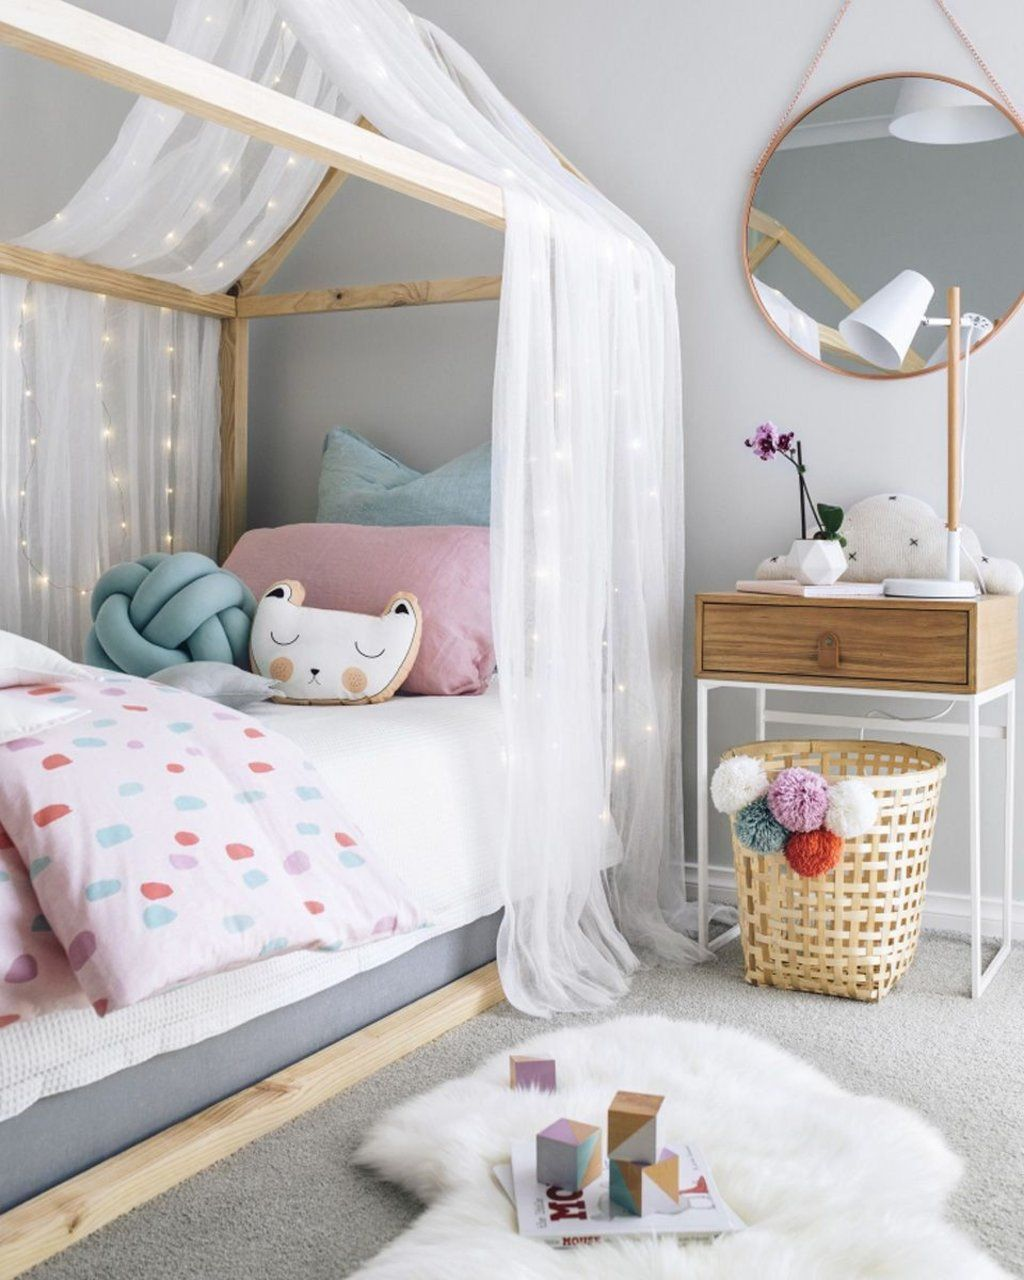 Chambre Lit Cabane Fille etoile en 2019 | chambre enfant, idée chambre et deco chambre